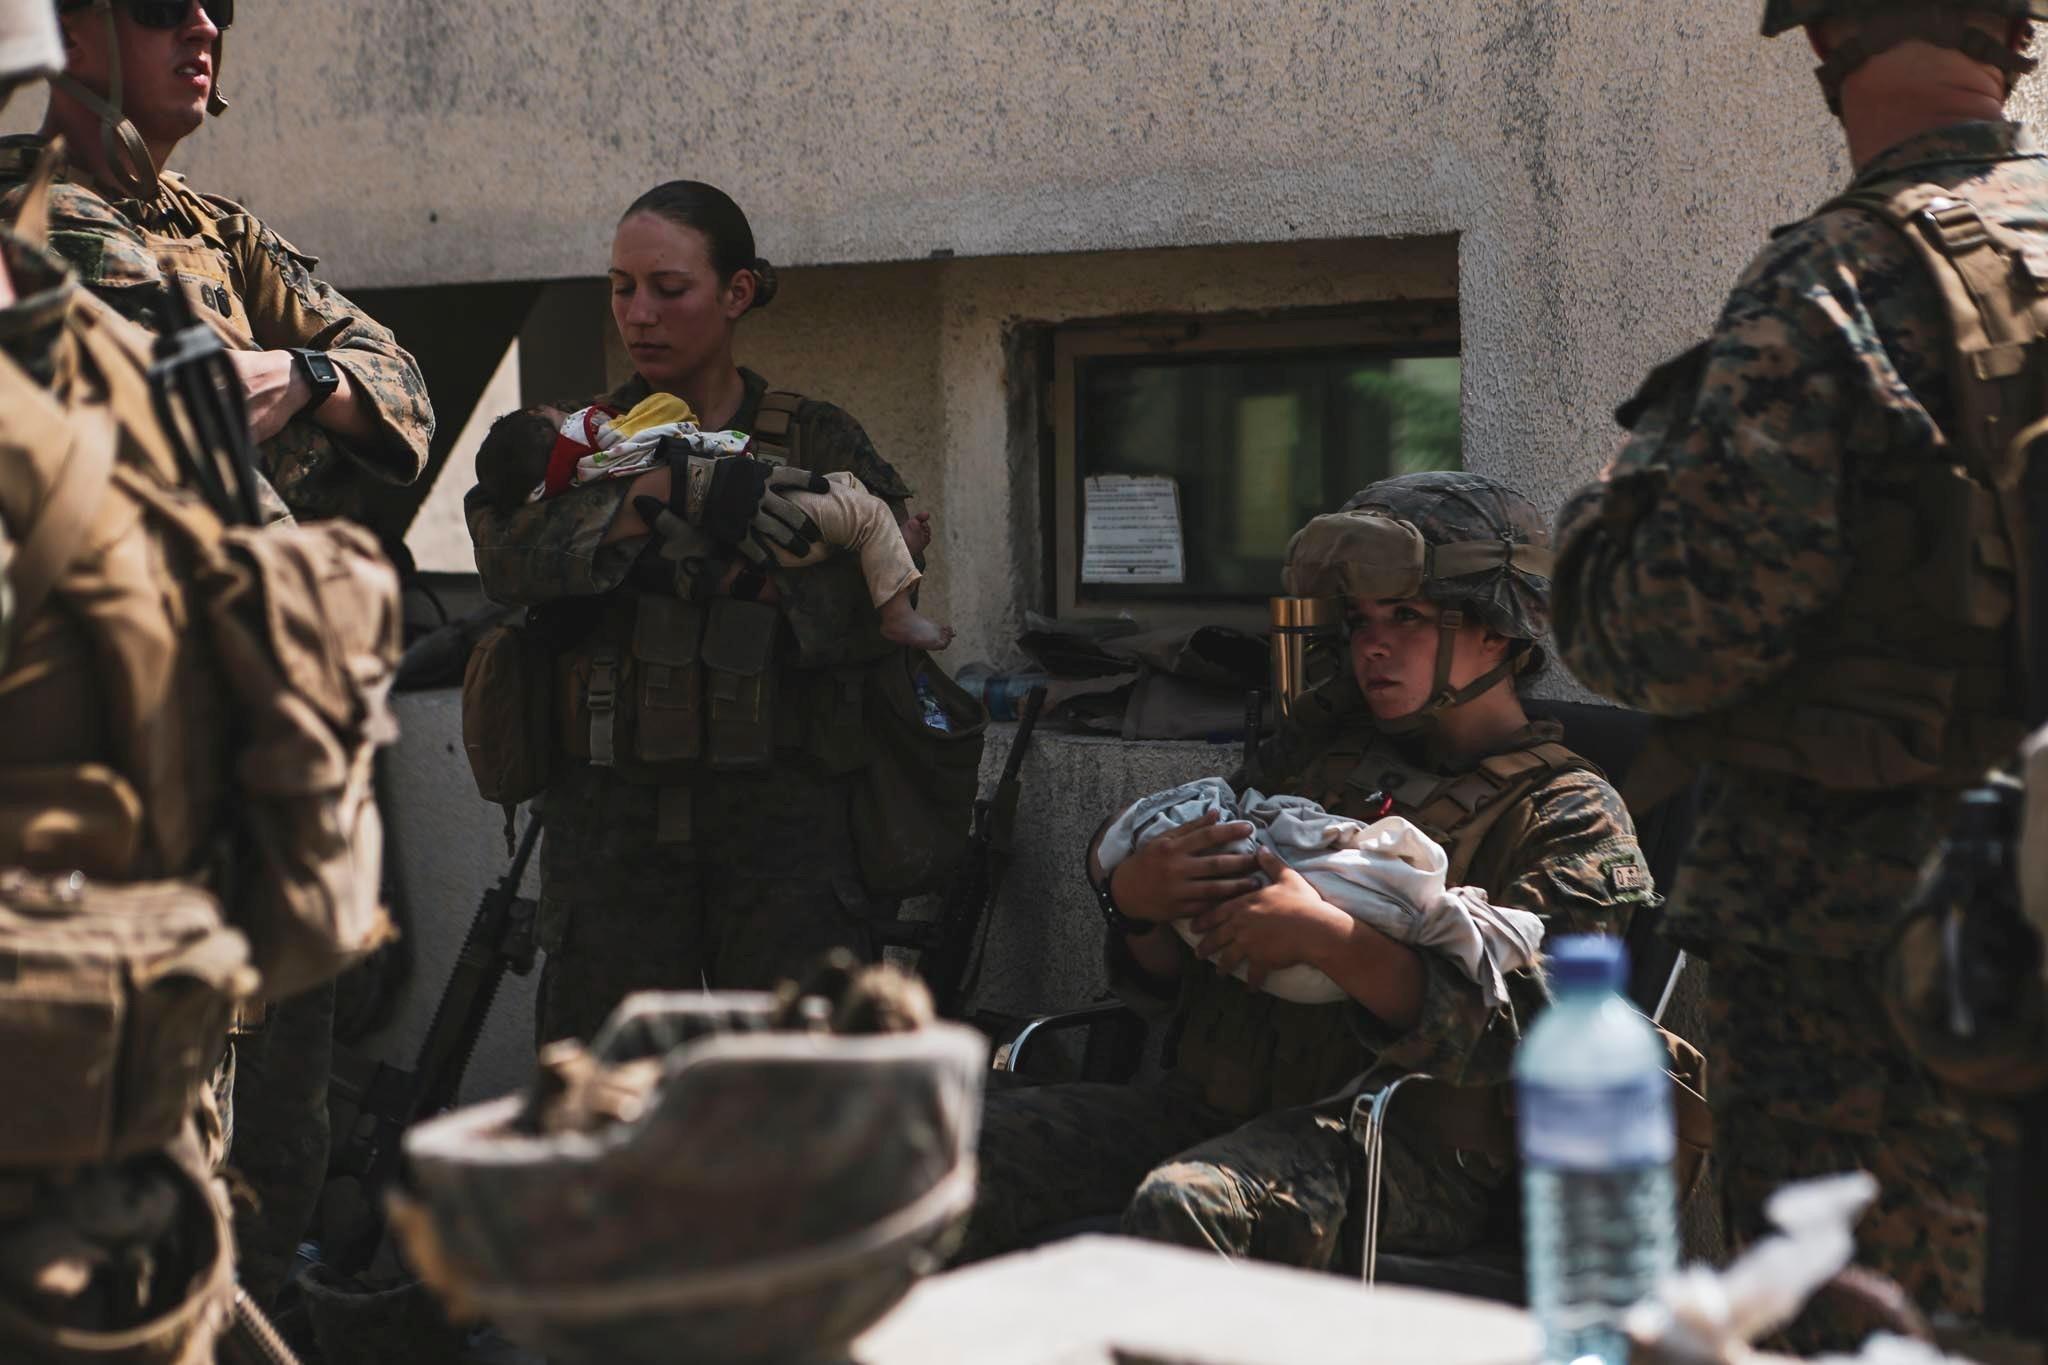 Αφγανιστάν: Νεκρή από την τρομοκρατική επίθεση η πεζοναύτης που είχε αγκαλιά το ξυπόλυτο παιδί